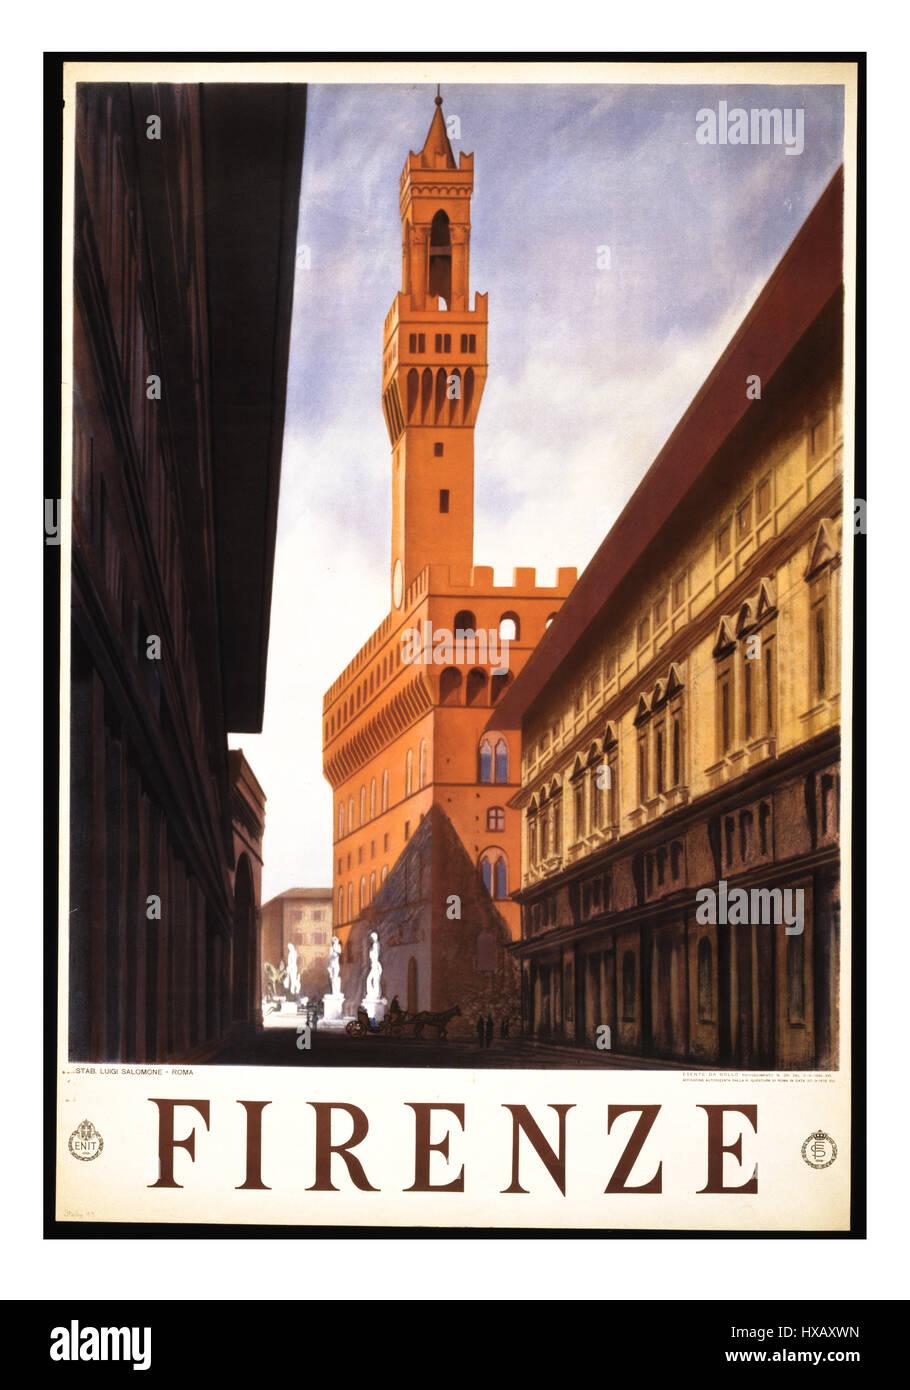 Retro Vintage travel poster pour Firenze Florence avec le Palazzo Vecchio, l'hôtel de ville de Florence Photo Stock